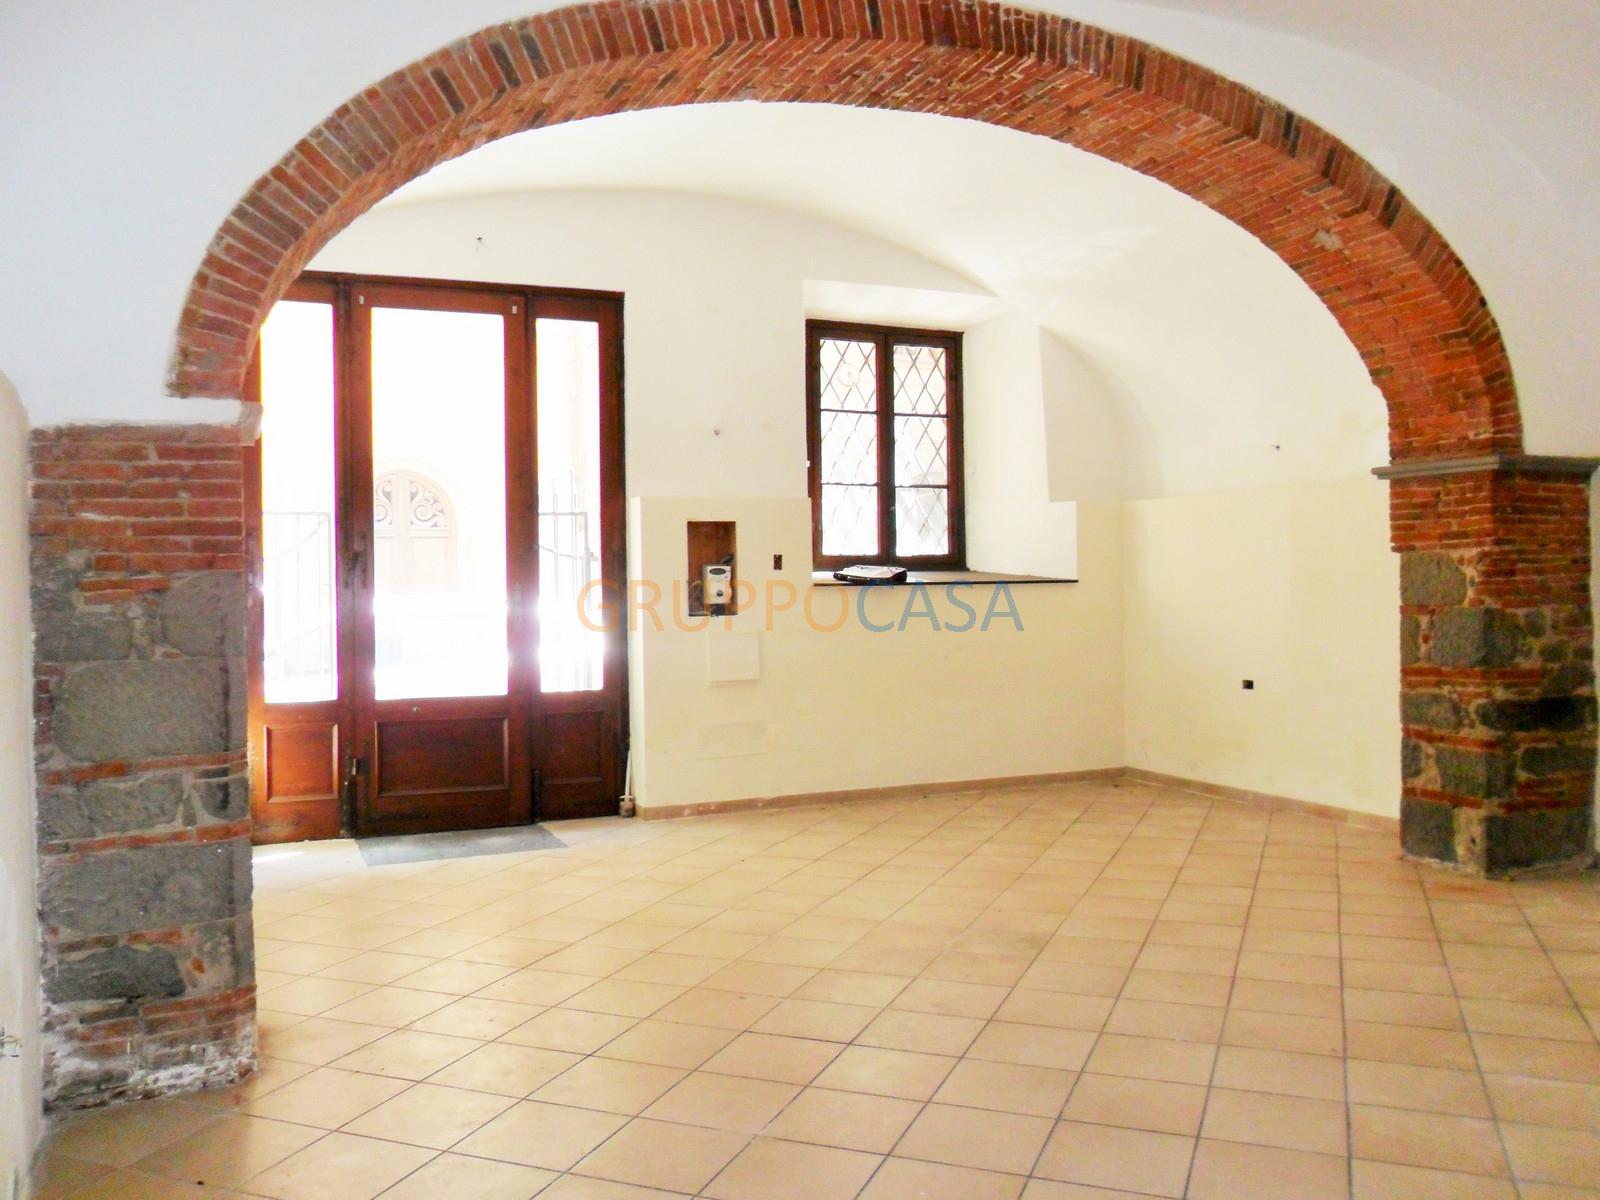 Negozio / Locale in vendita a Pescia, 9999 locali, zona Località: Centro, prezzo € 46.000 | CambioCasa.it